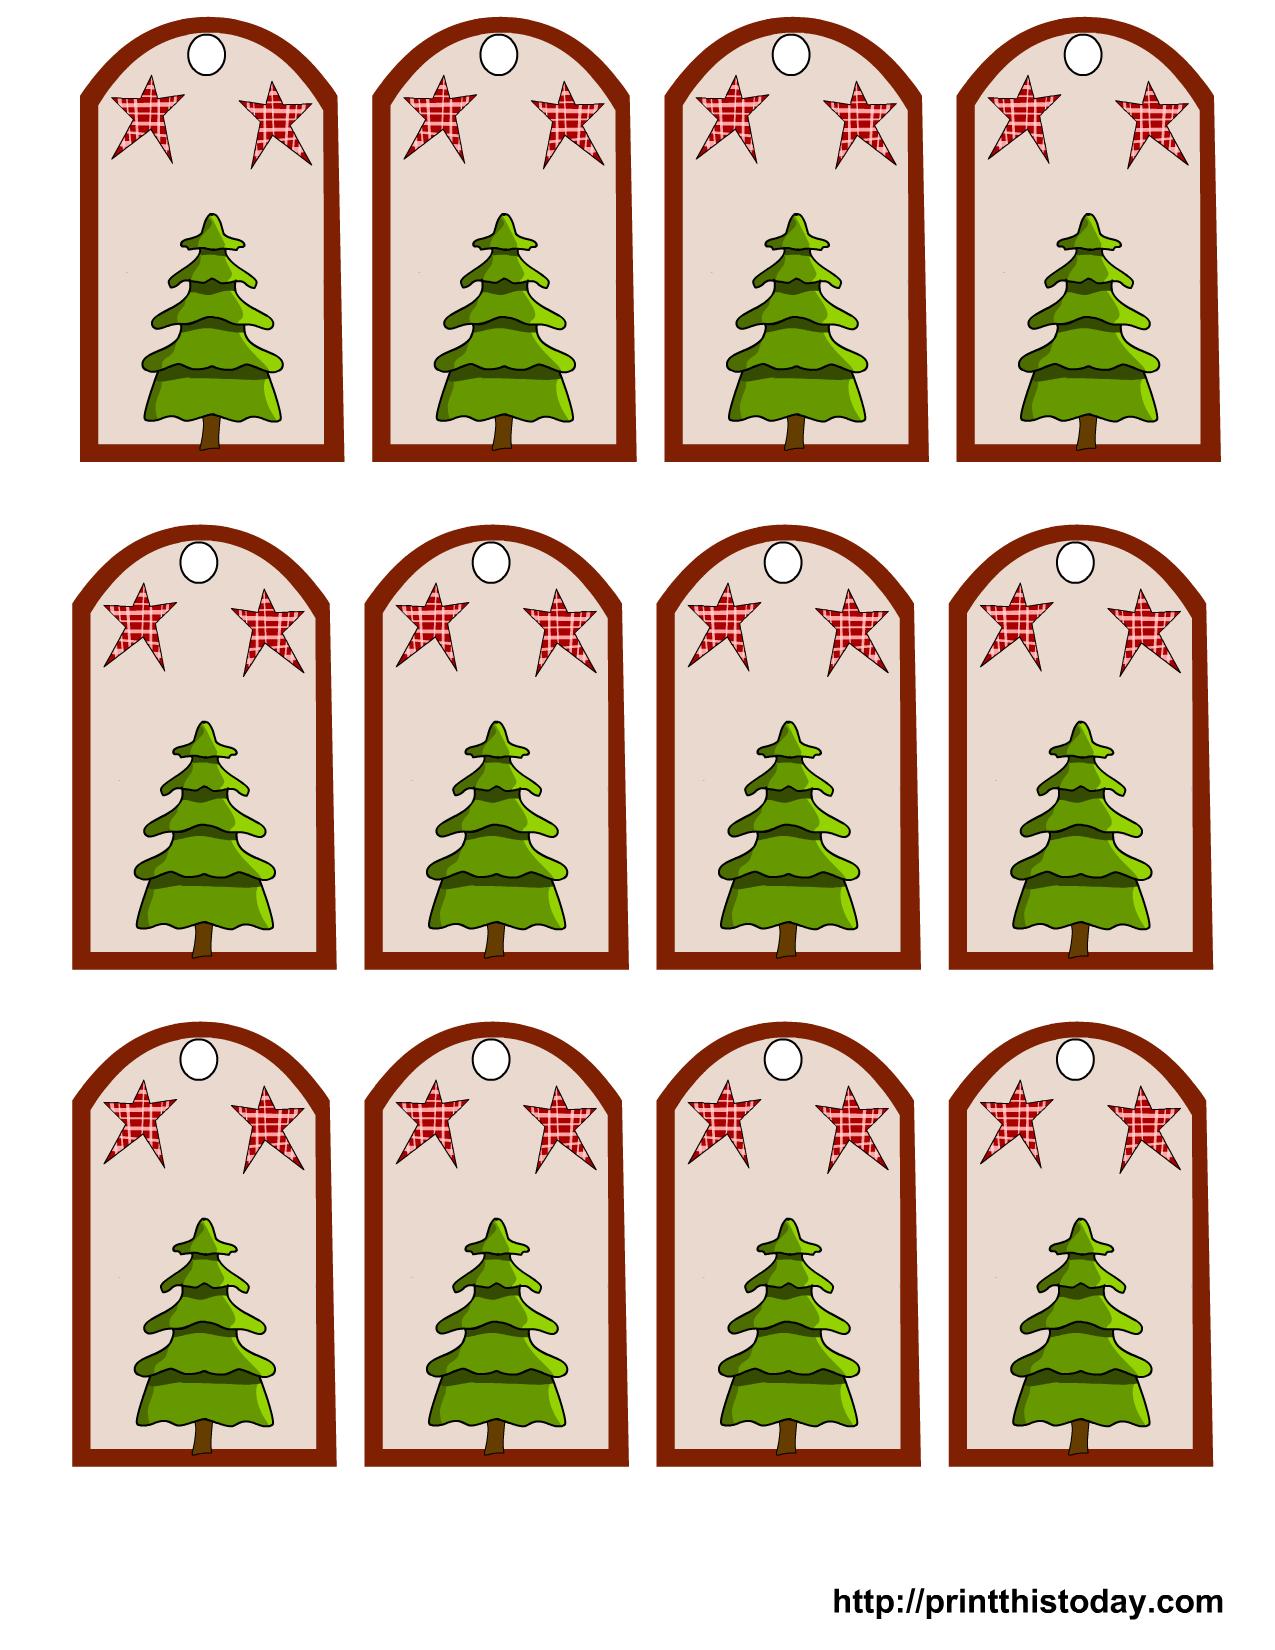 Christmas Gift Tags With Christmas Tree And Stars Christmas Tags Printable Christmas Gift Tags Printable Free Printable Christmas Gift Tags